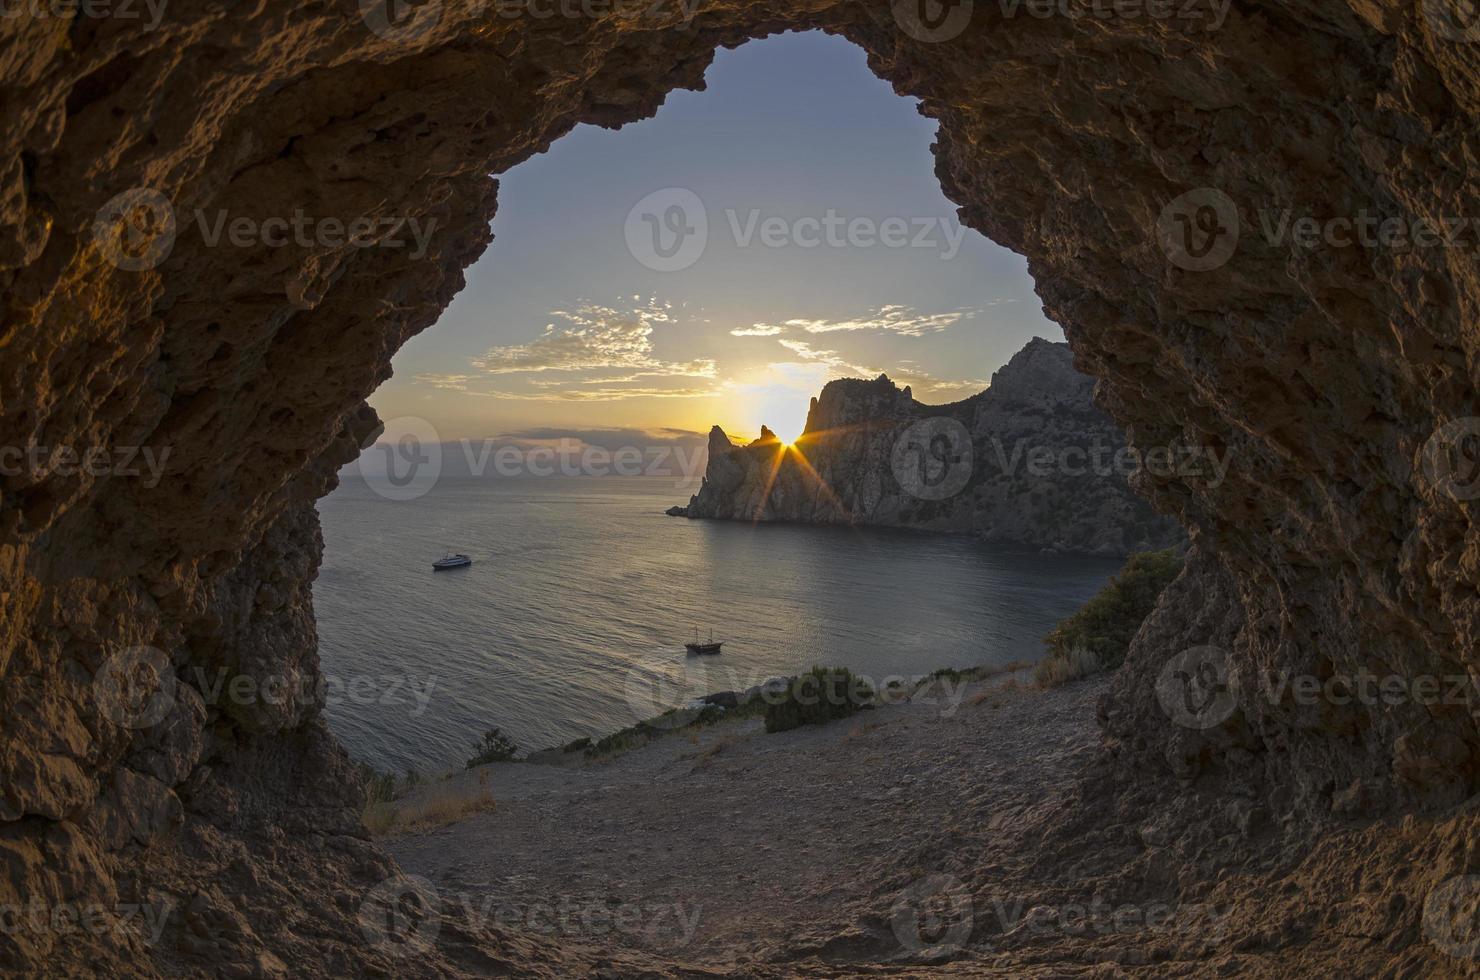 ondergaande zon achter de kliffen aan de kust. Krim. foto